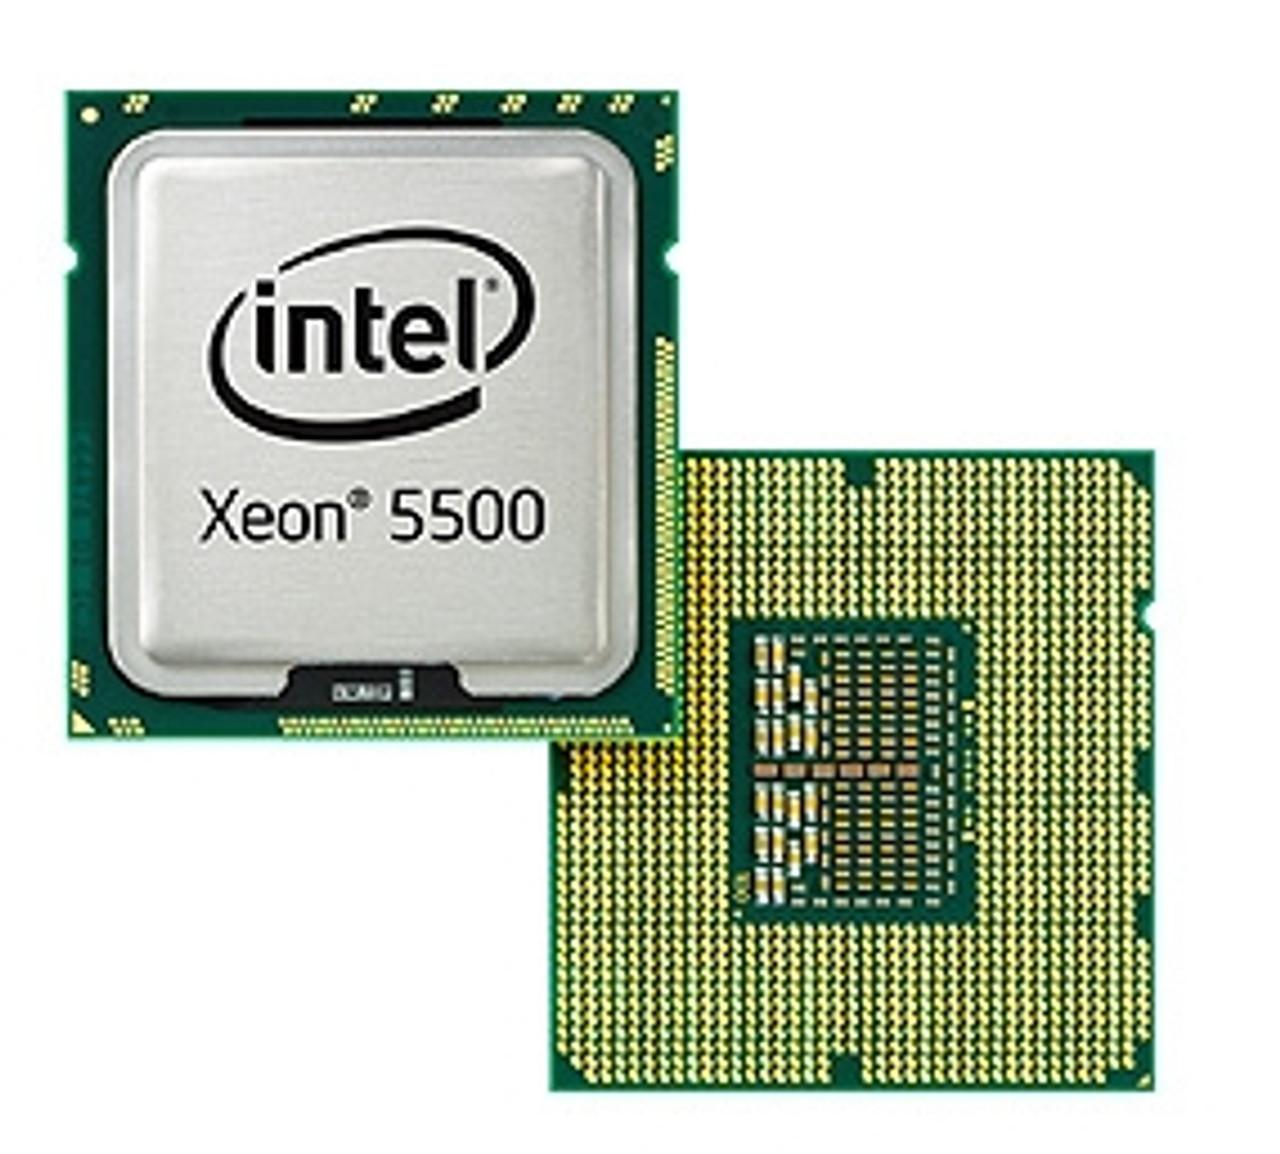 Intel Xeon 5500 Gainestown CPUs